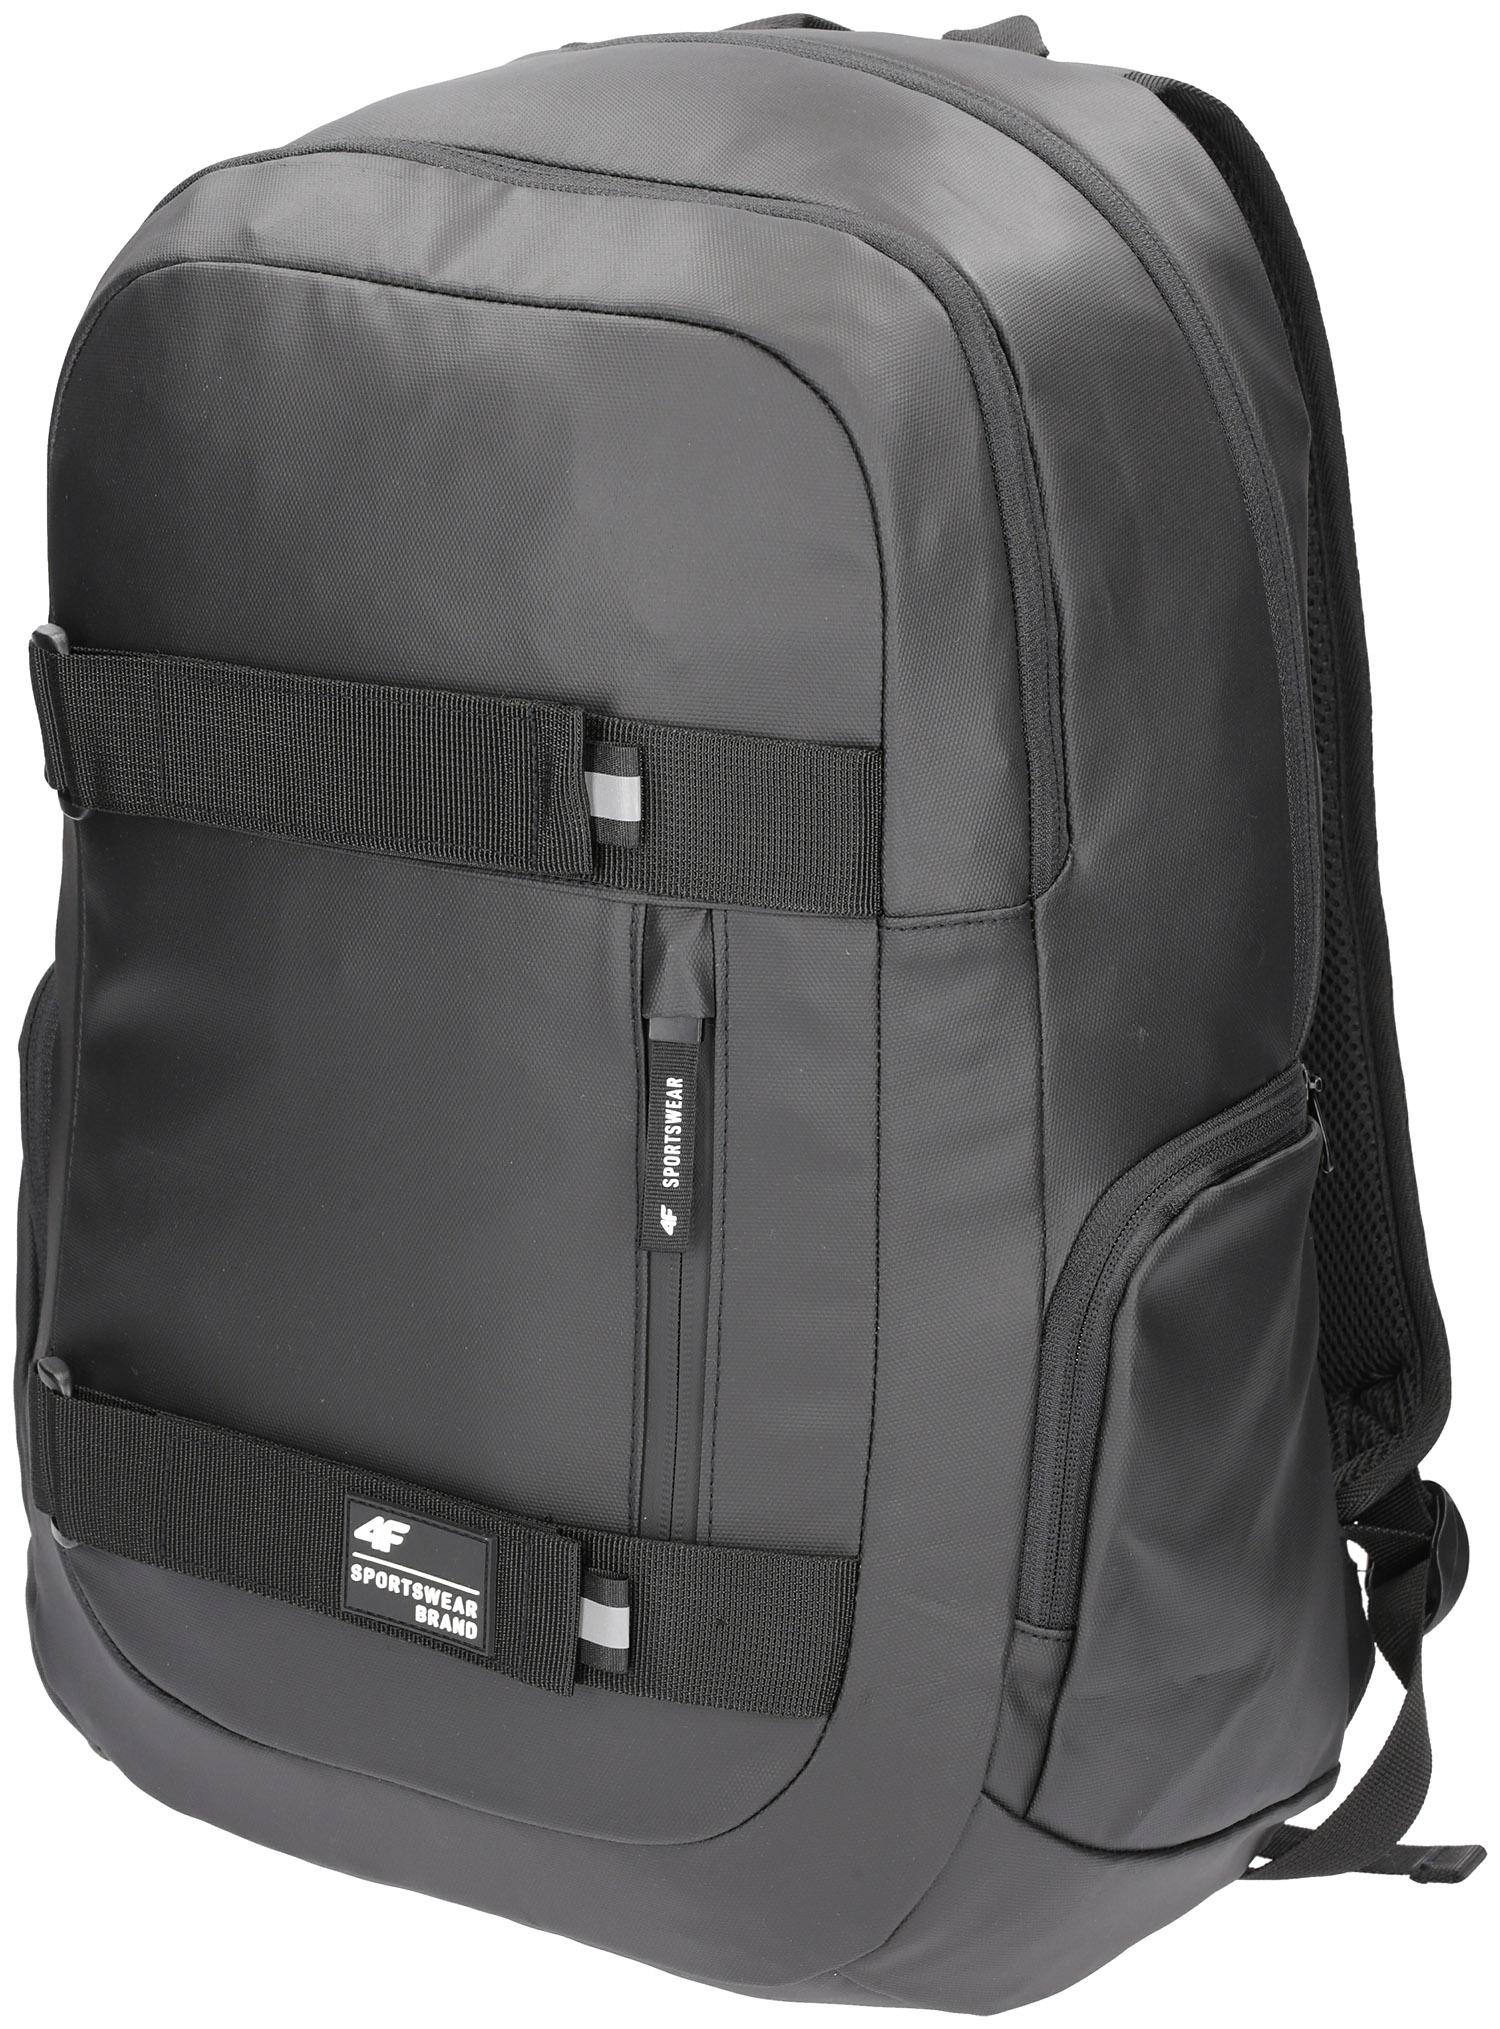 2cdd30e006139 Kupić.pl - 4F - Plecak funkcyjny 4Hills PCF100 - głęboka czerń